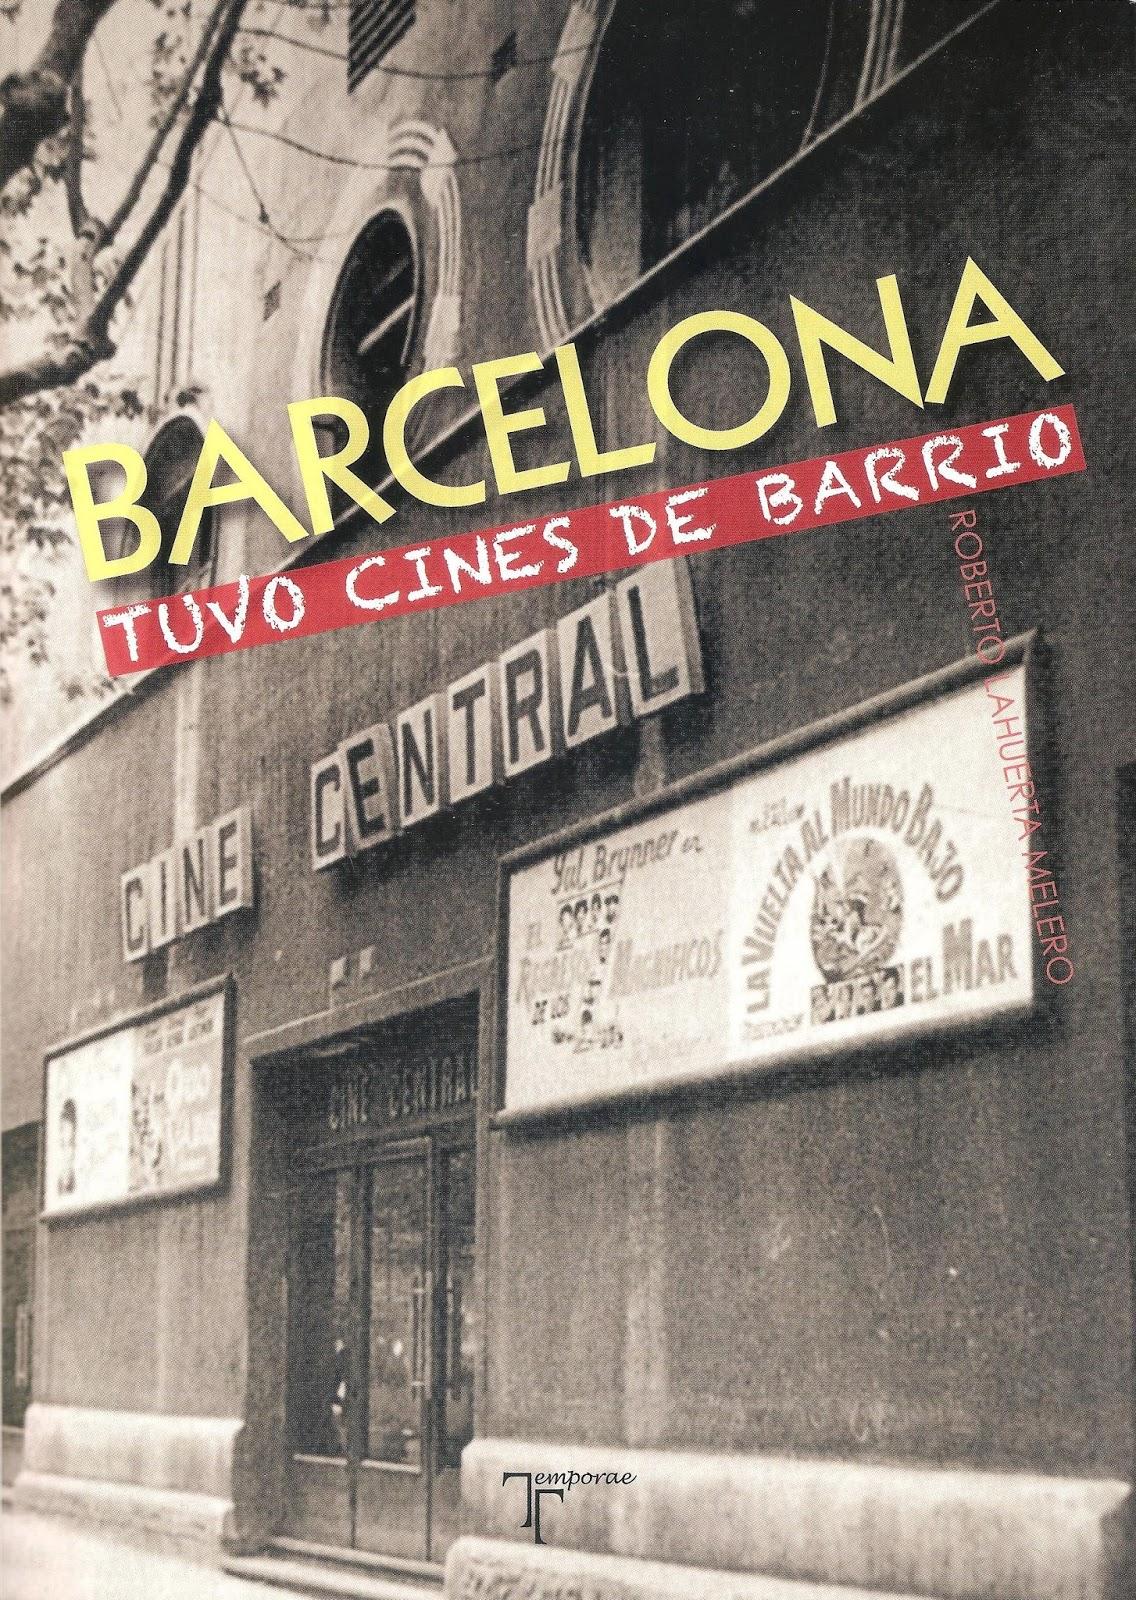 Barcelona sí tuvo cines de barrio